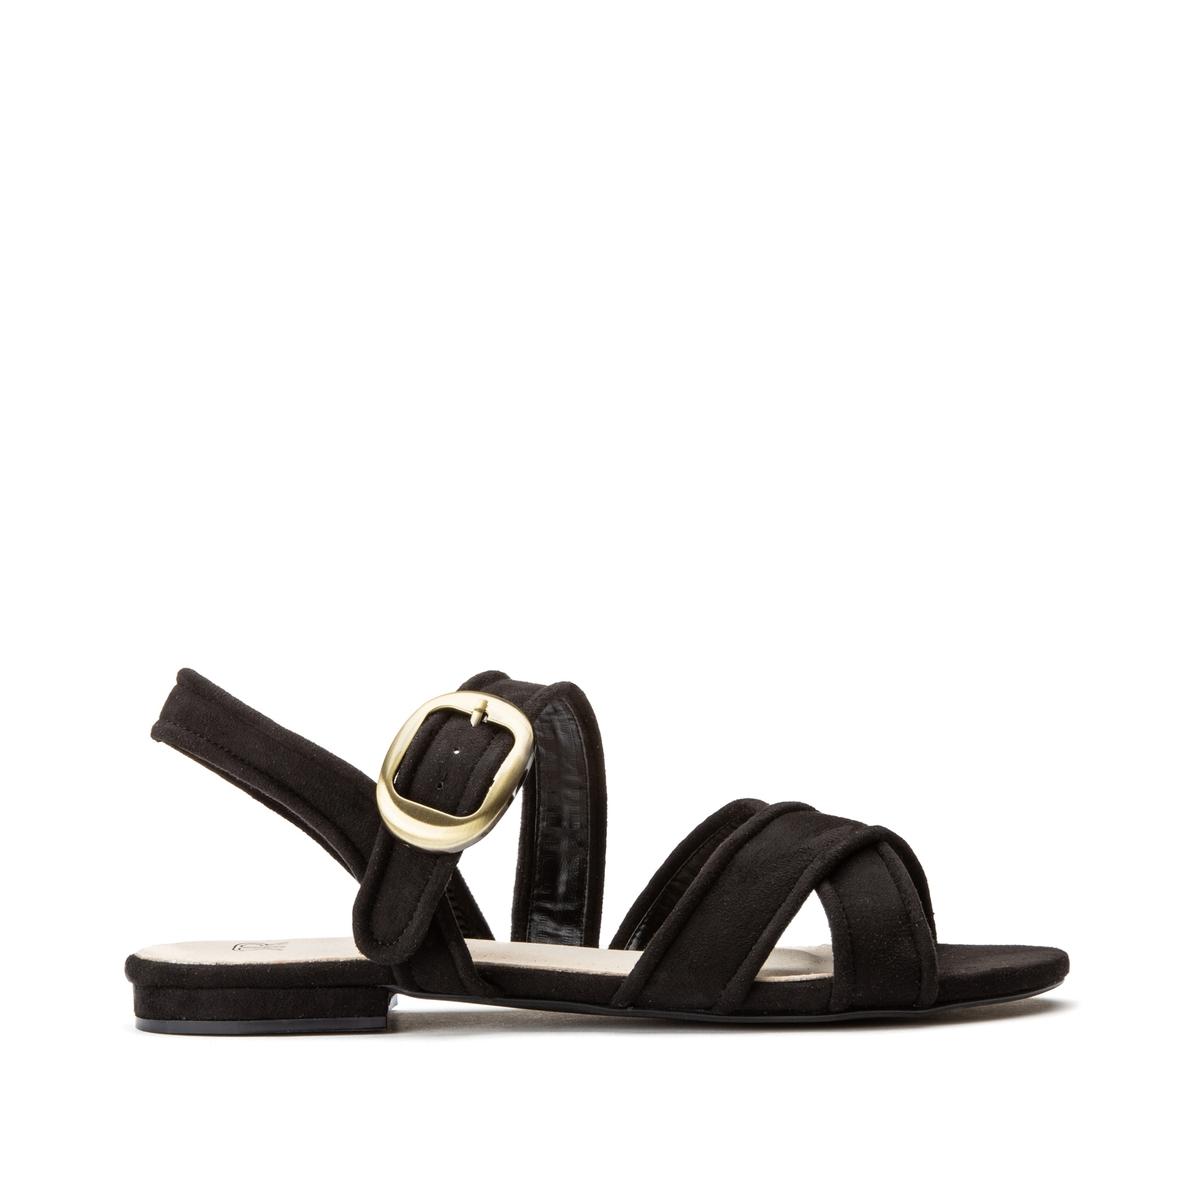 Фото - Сандалии LaRedoute С ремешками на плоском каблуке 39 черный сандалии la redoute из кожи с перекрещенными ремешками на плоском каблуке 39 розовый